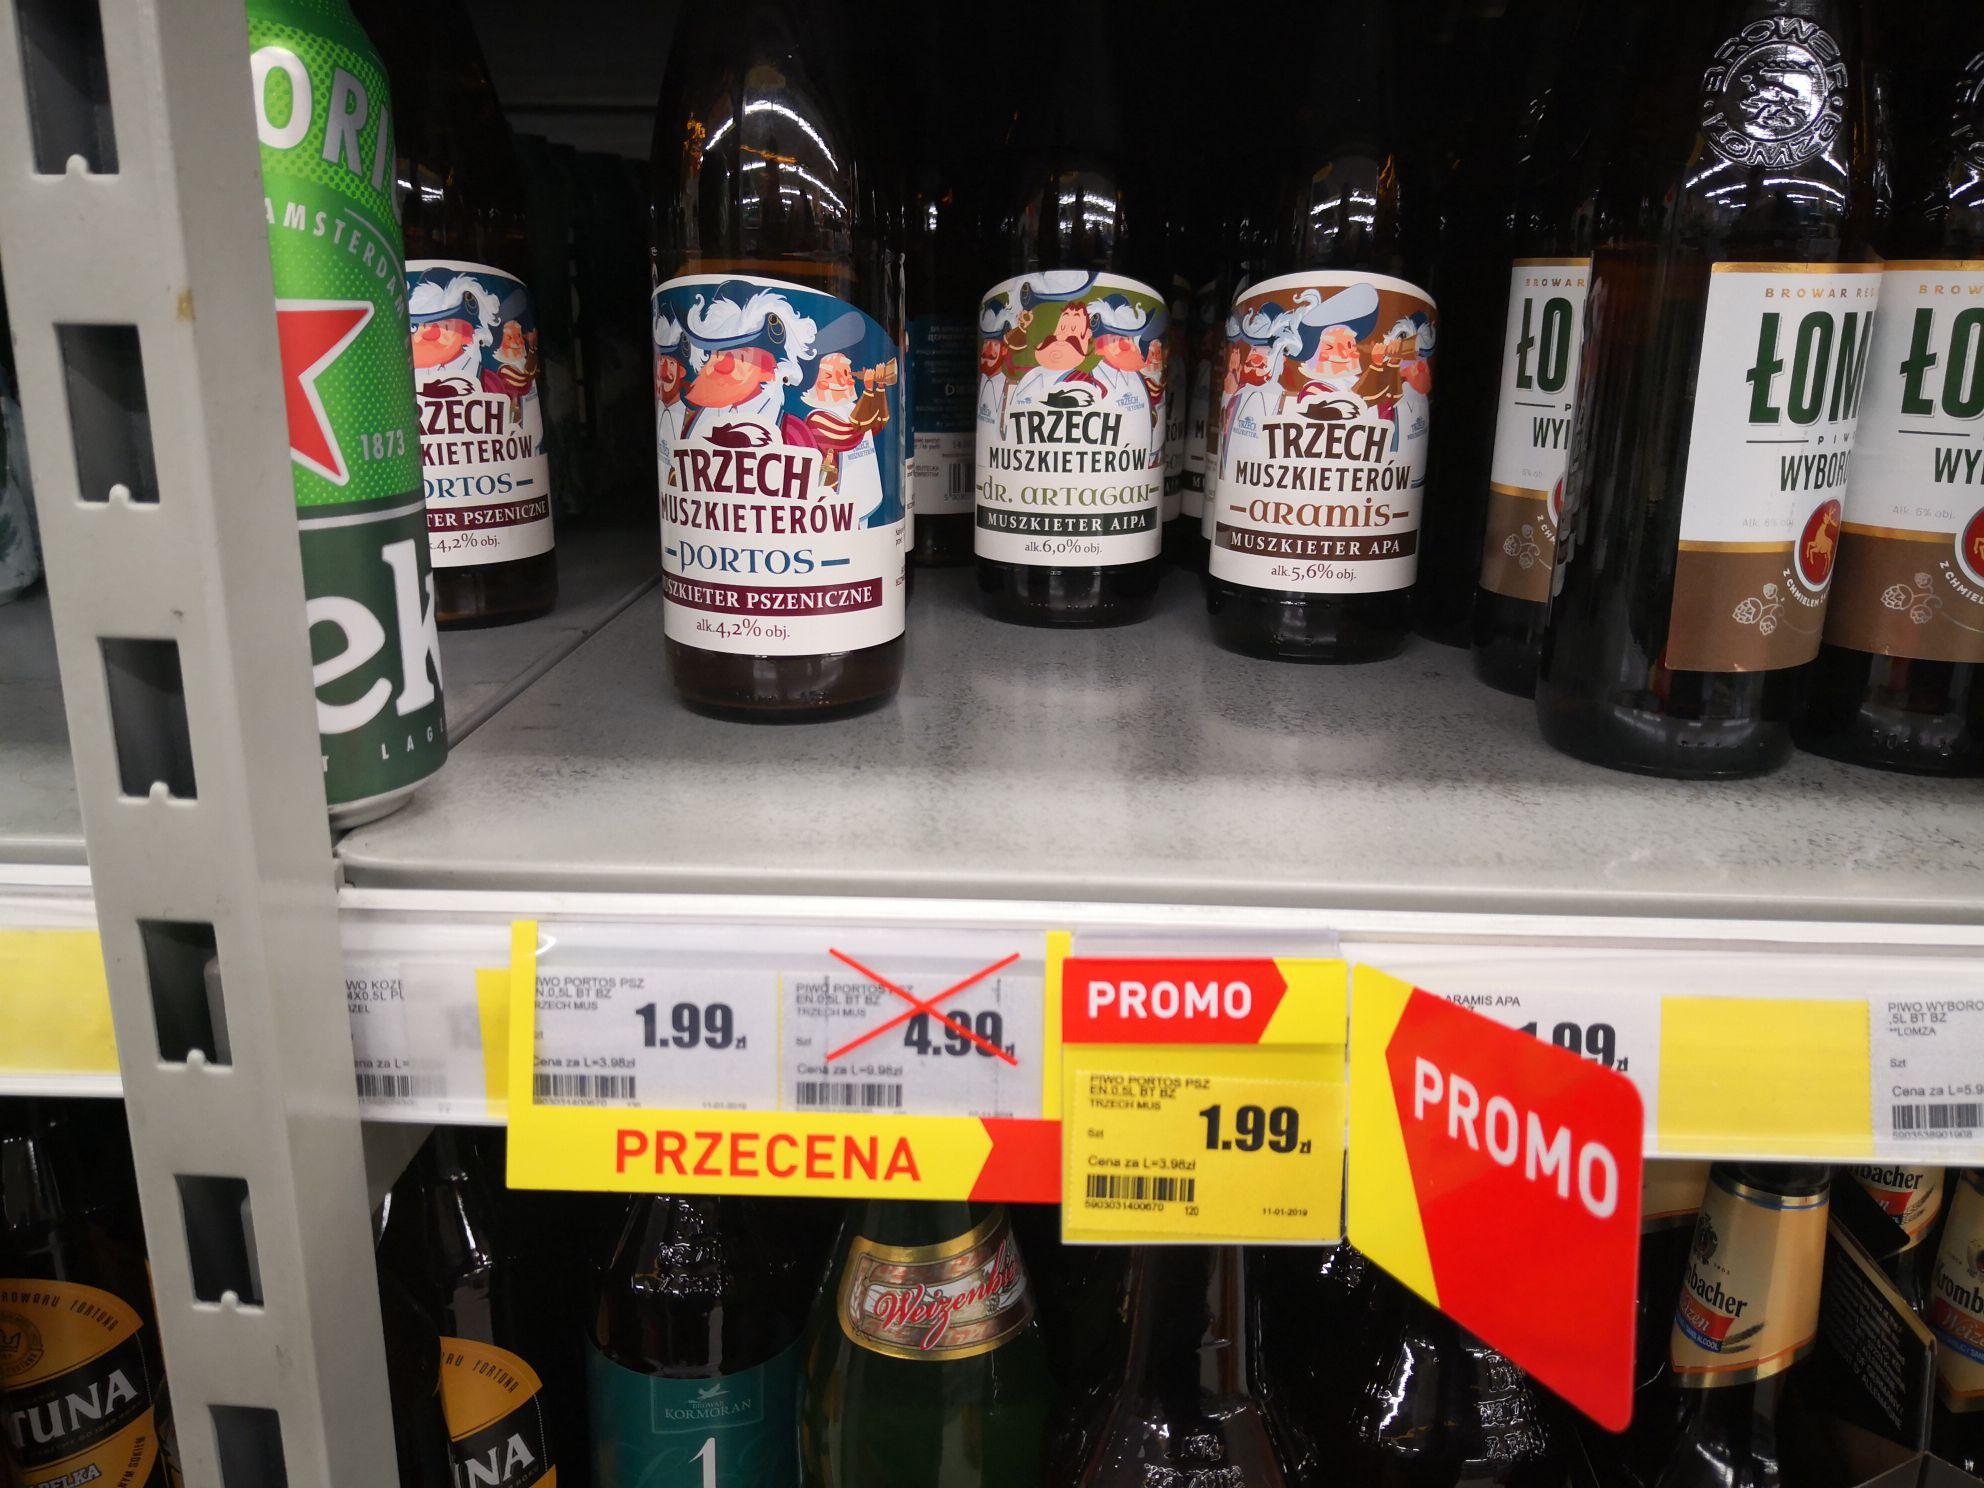 Piwo trzech muszkieterów Doctor Brew- Intermarche. Butelka bezzwrotna.